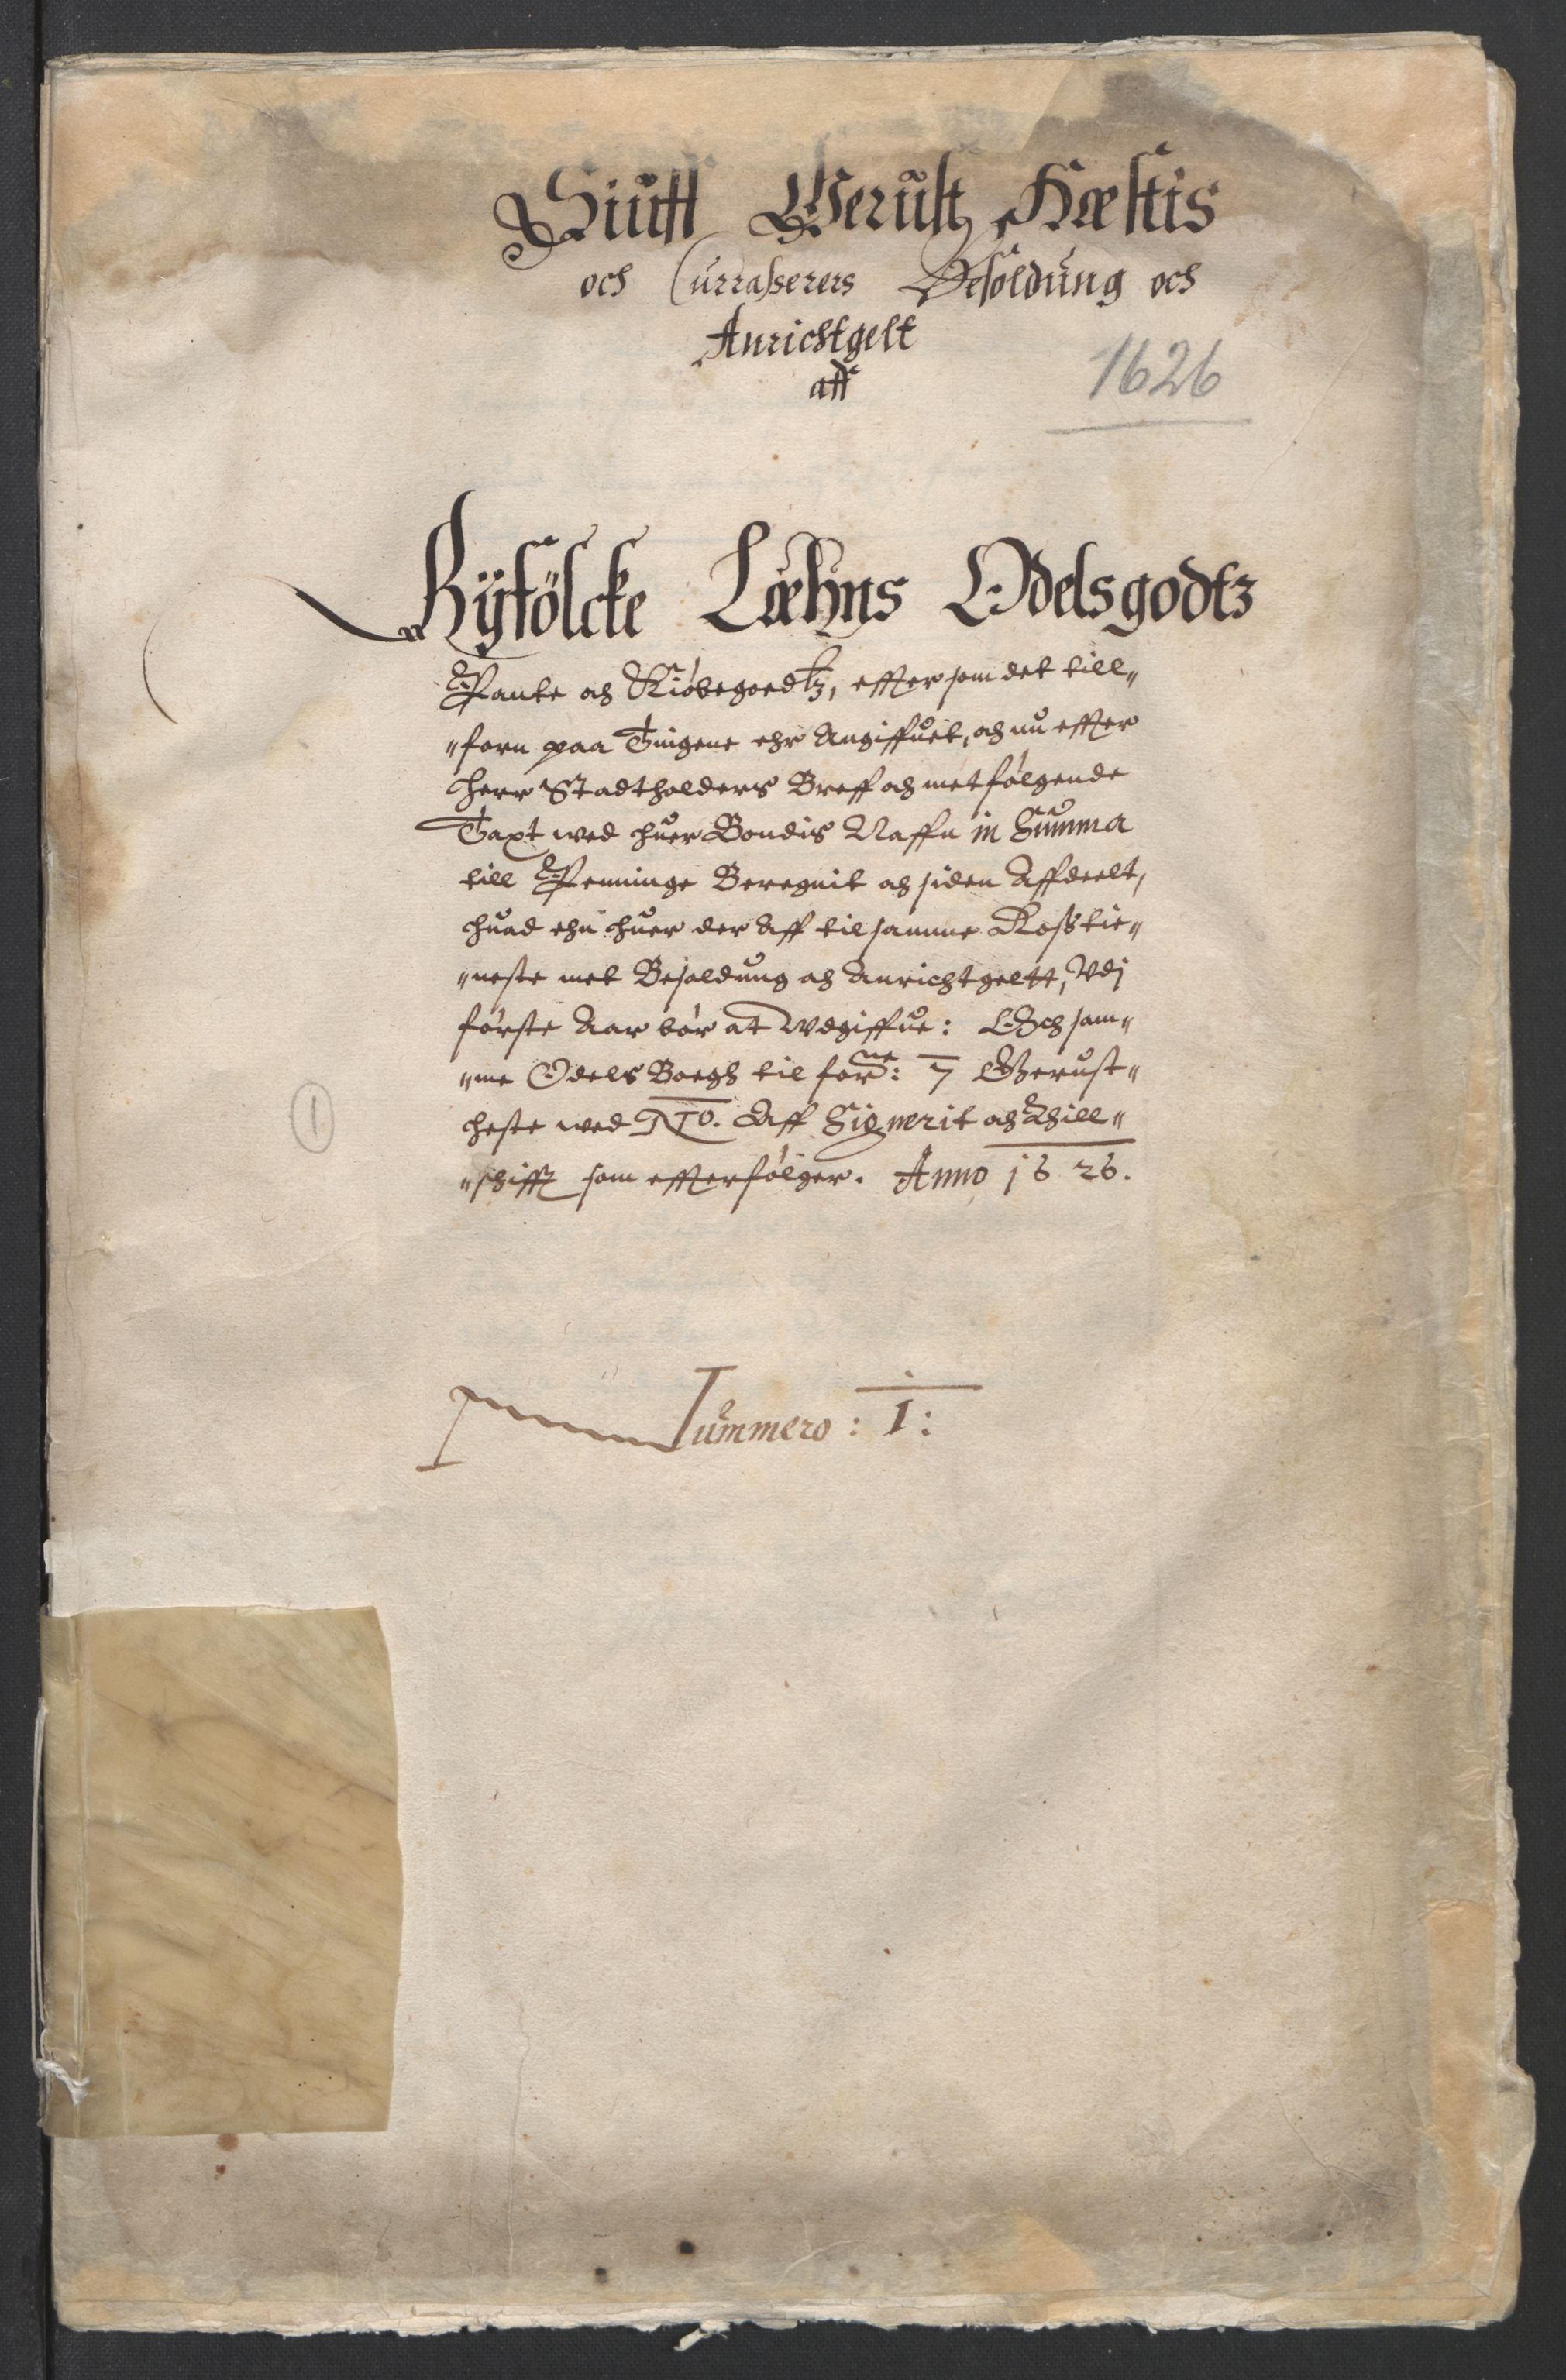 RA, Stattholderembetet 1572-1771, Ek/L0010: Jordebøker til utlikning av rosstjeneste 1624-1626:, 1624-1626, s. 66